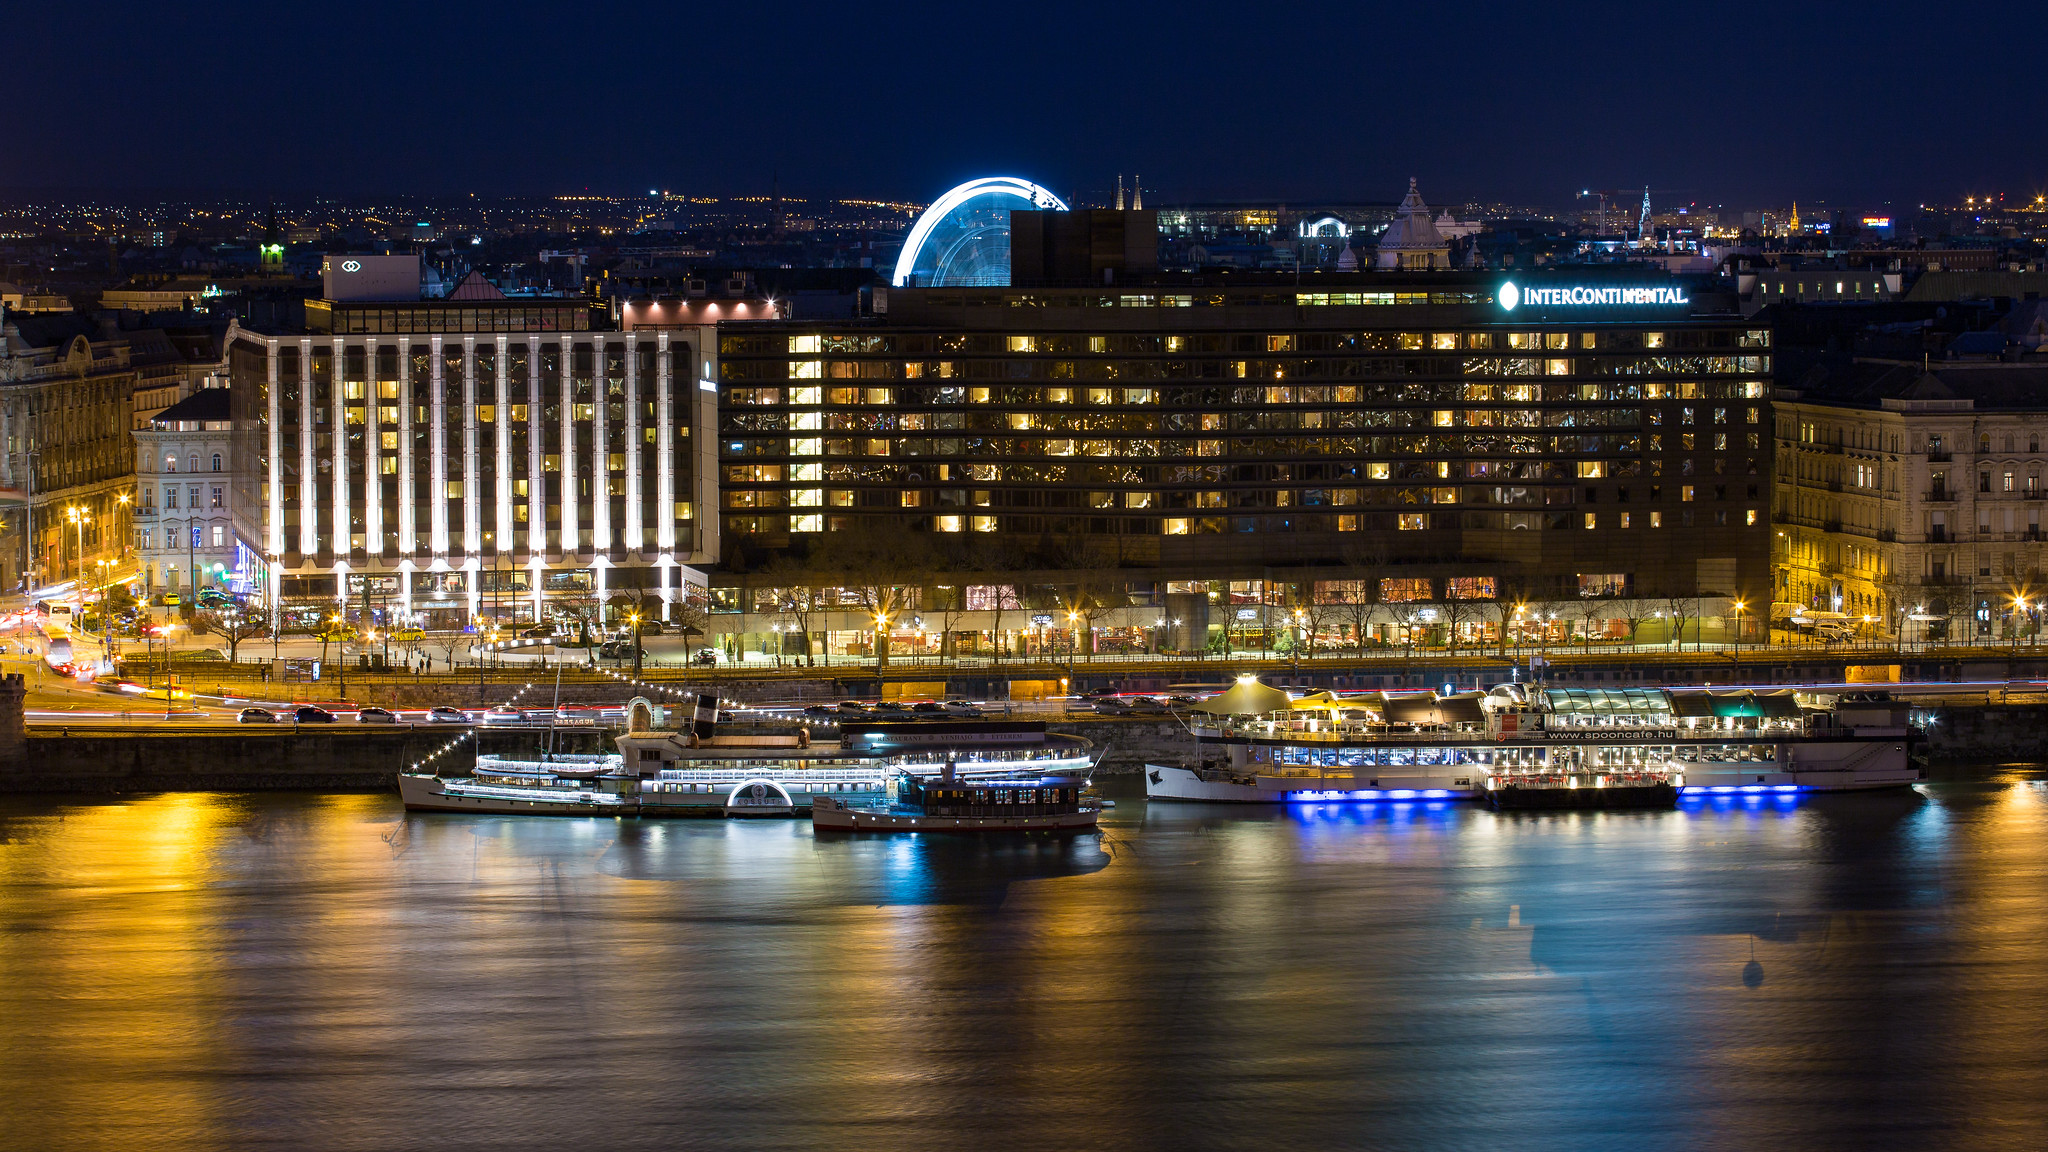 sofitel és intercontinental szállodák a Duna mellett éjjelszá